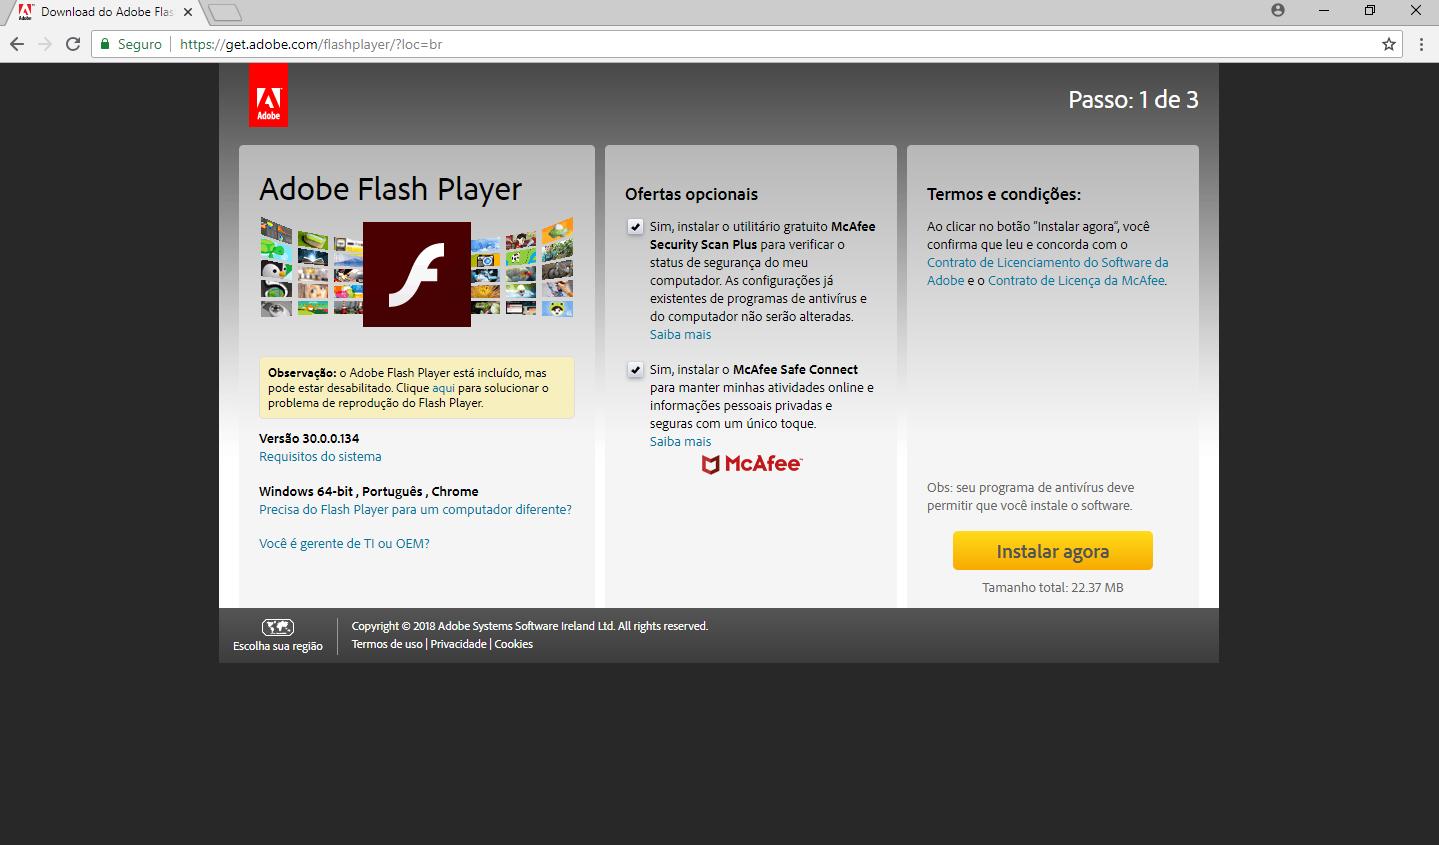 Click Jogos precisa do Adobe Flash Player para jogar